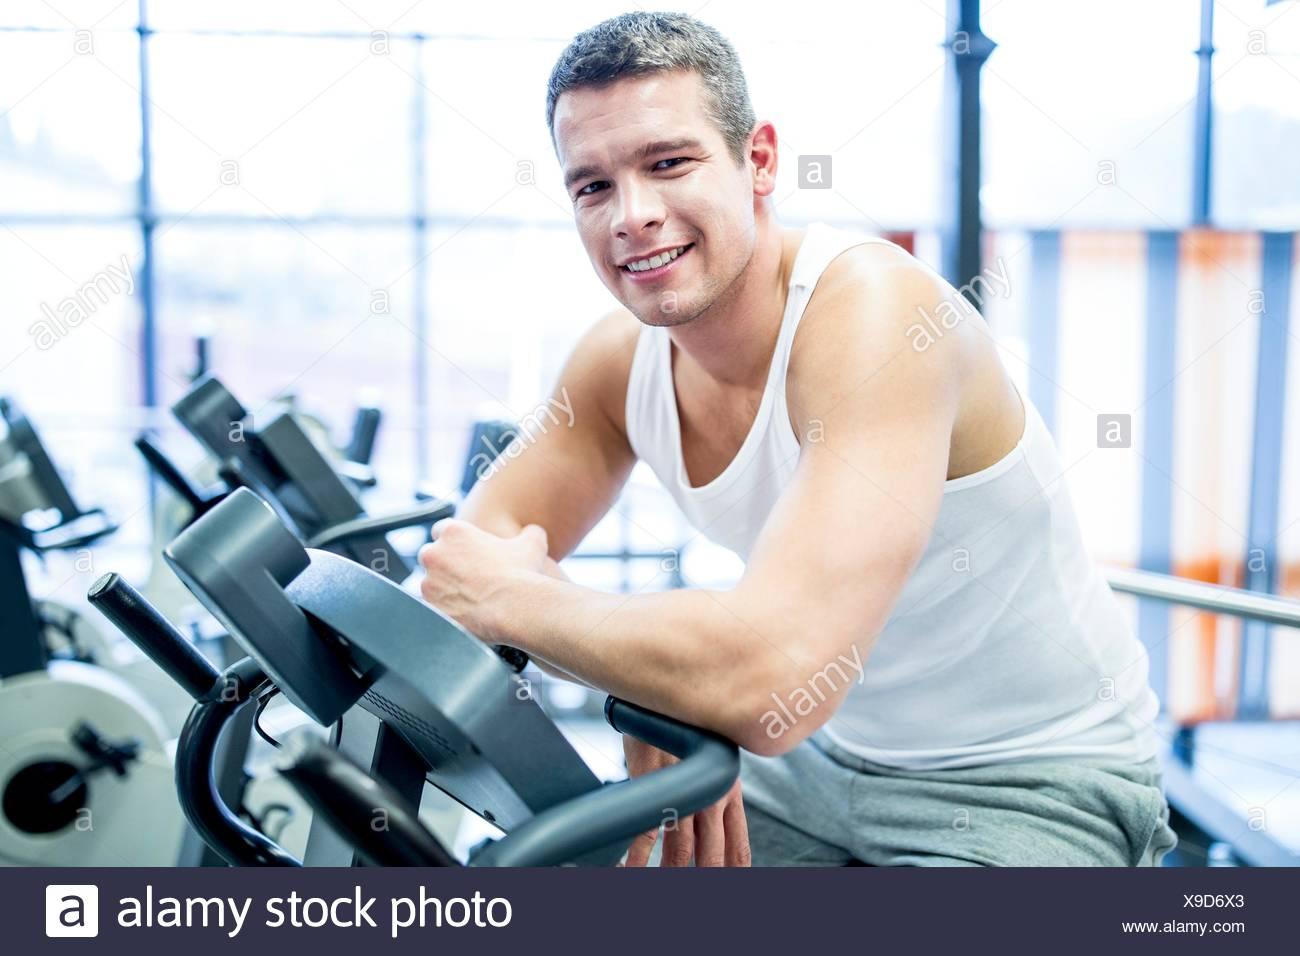 EIGENTUM FREIGEGEBEN. -MODELL VERÖFFENTLICHT. Porträt des jungen Mannes ruhen, während die Arbeit im Fitness-Studio, lächelnd. Stockbild